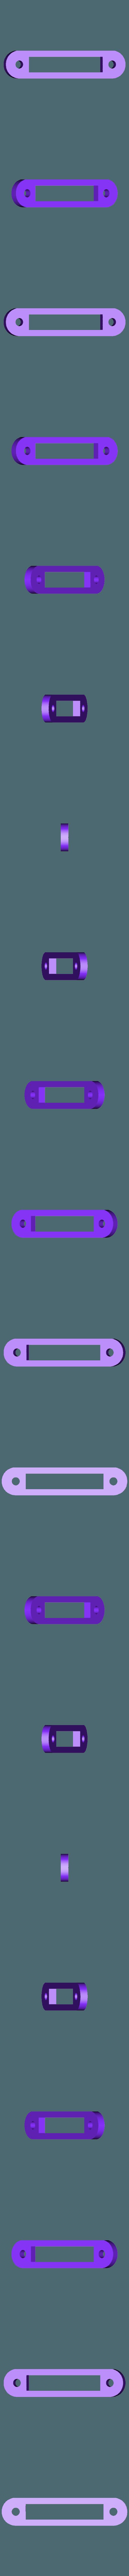 SD_Case_C.STL Télécharger fichier STL gratuit Support pour carte SD d'extension • Modèle pour imprimante 3D, perinski